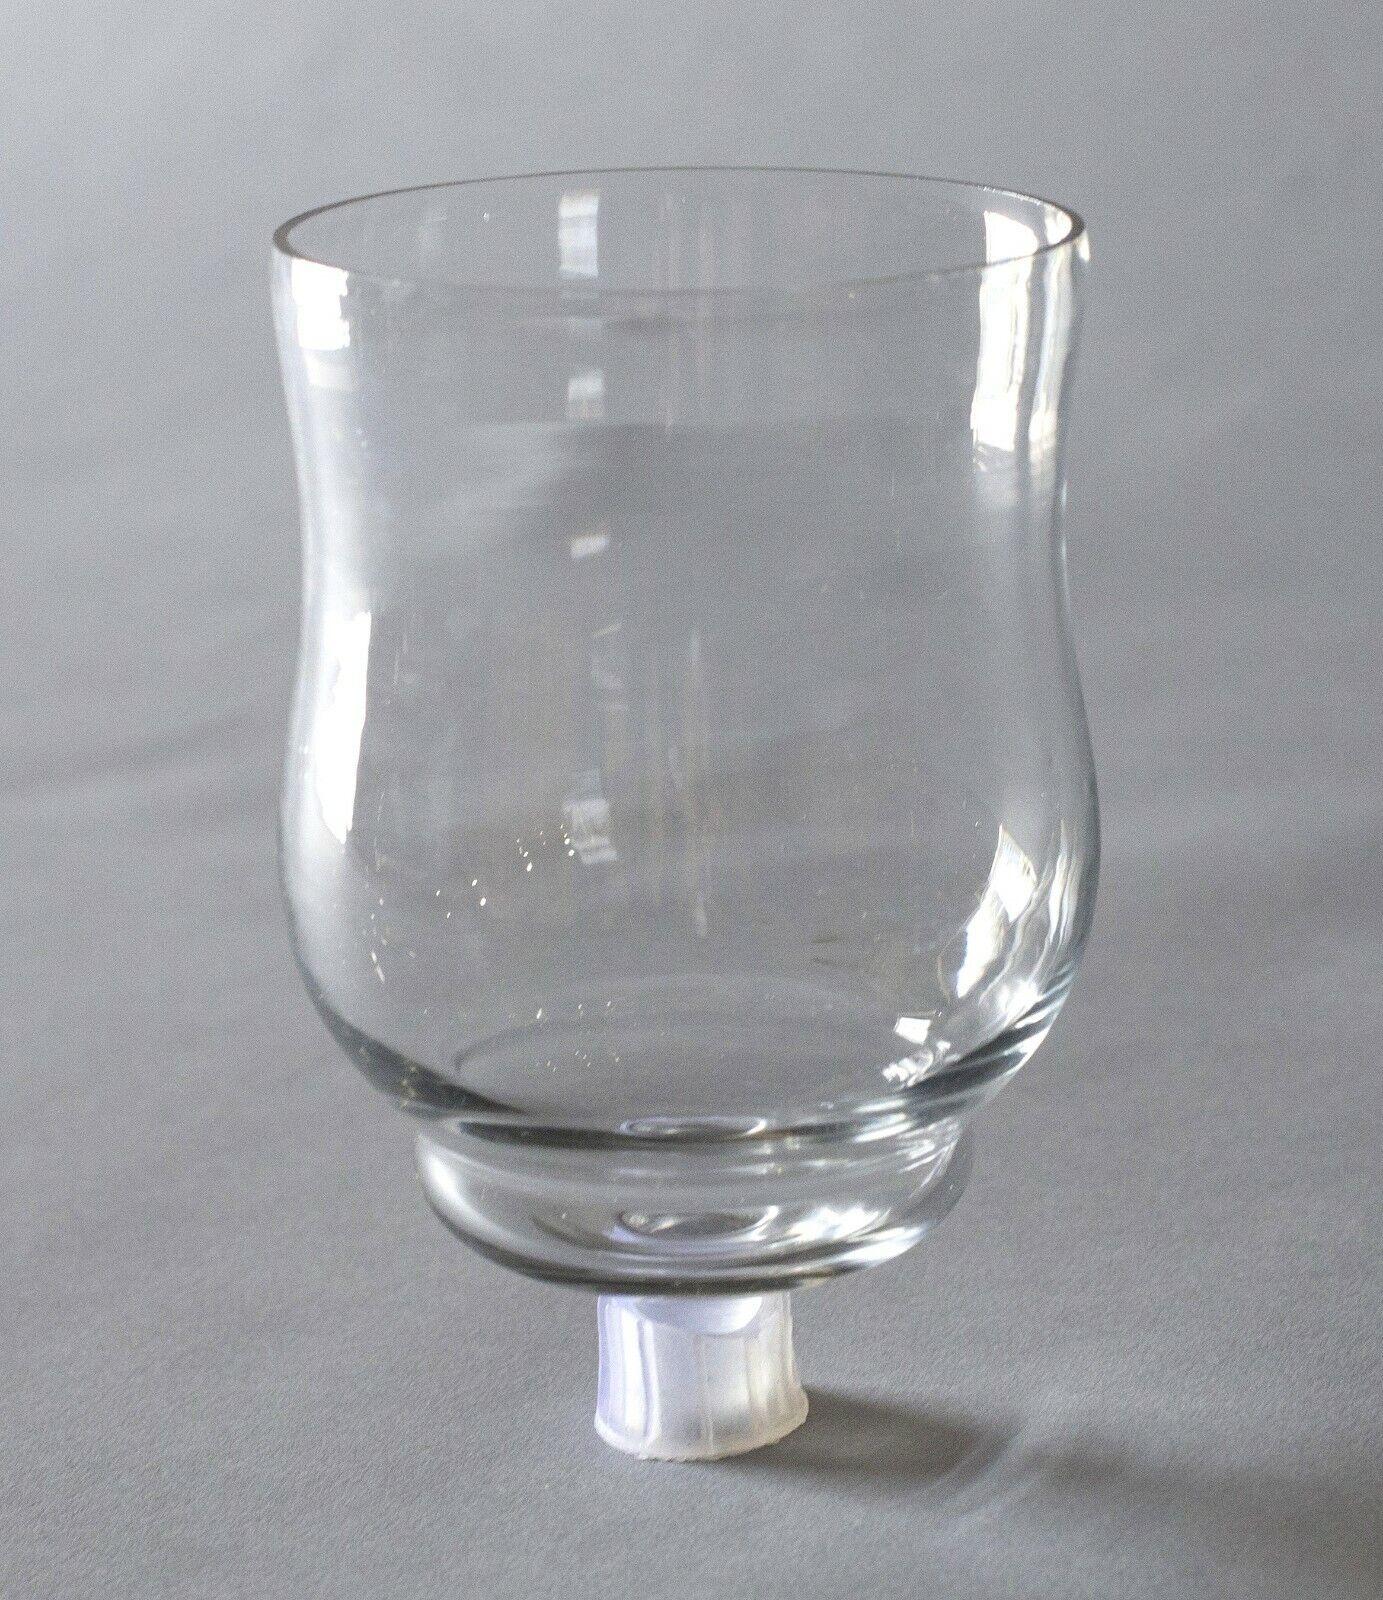 32 pcs Case 4  Clear Glass Peg Votive Holder Tea light Fuel Cell Votive Candle